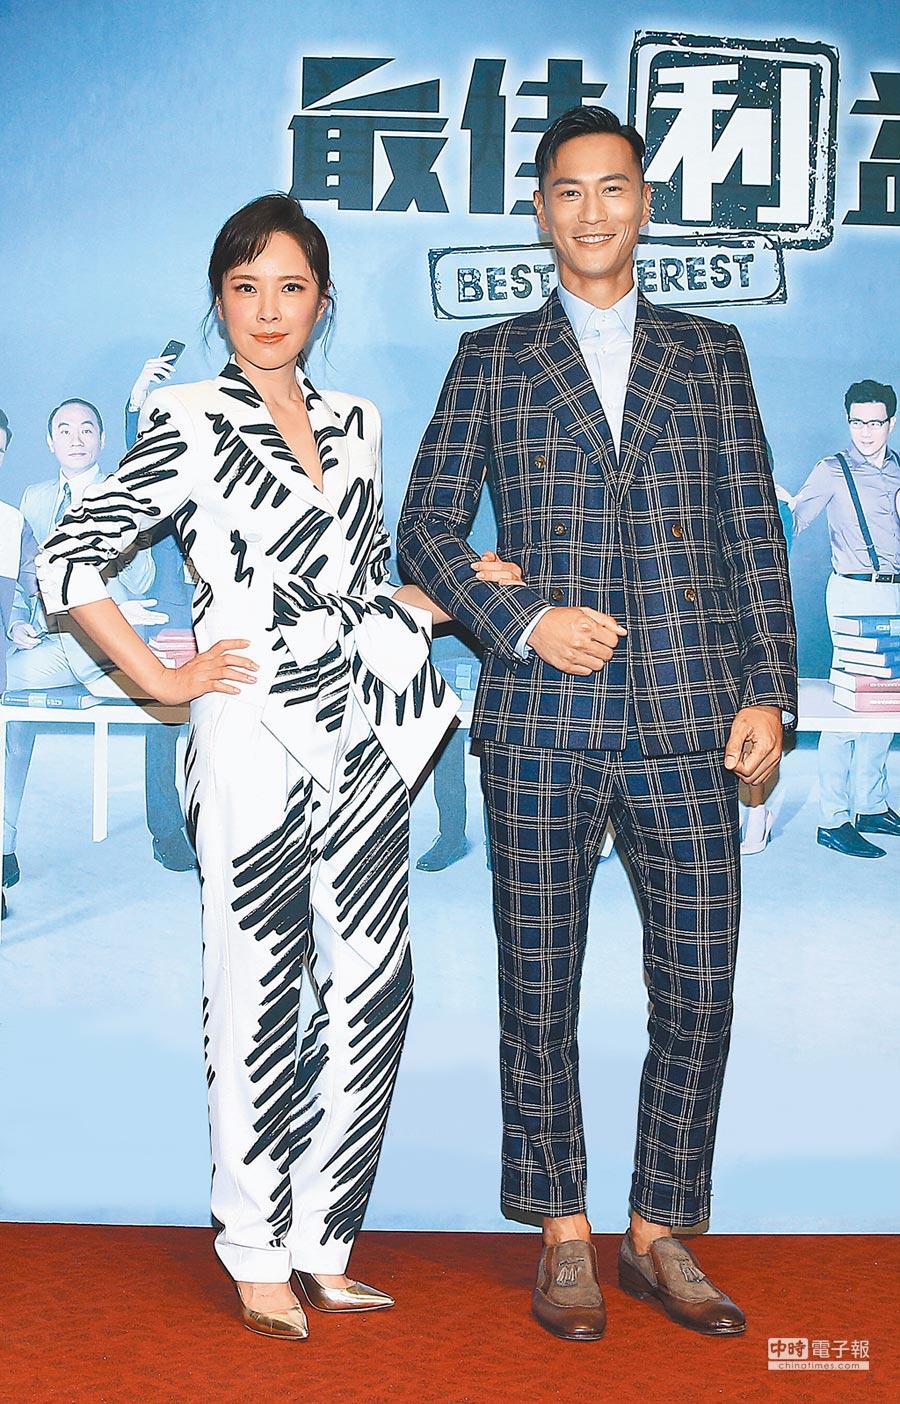 天心(左)昨一身俐落裝扮,與男主角鍾承翰為新戲造勢。(粘耿豪攝)